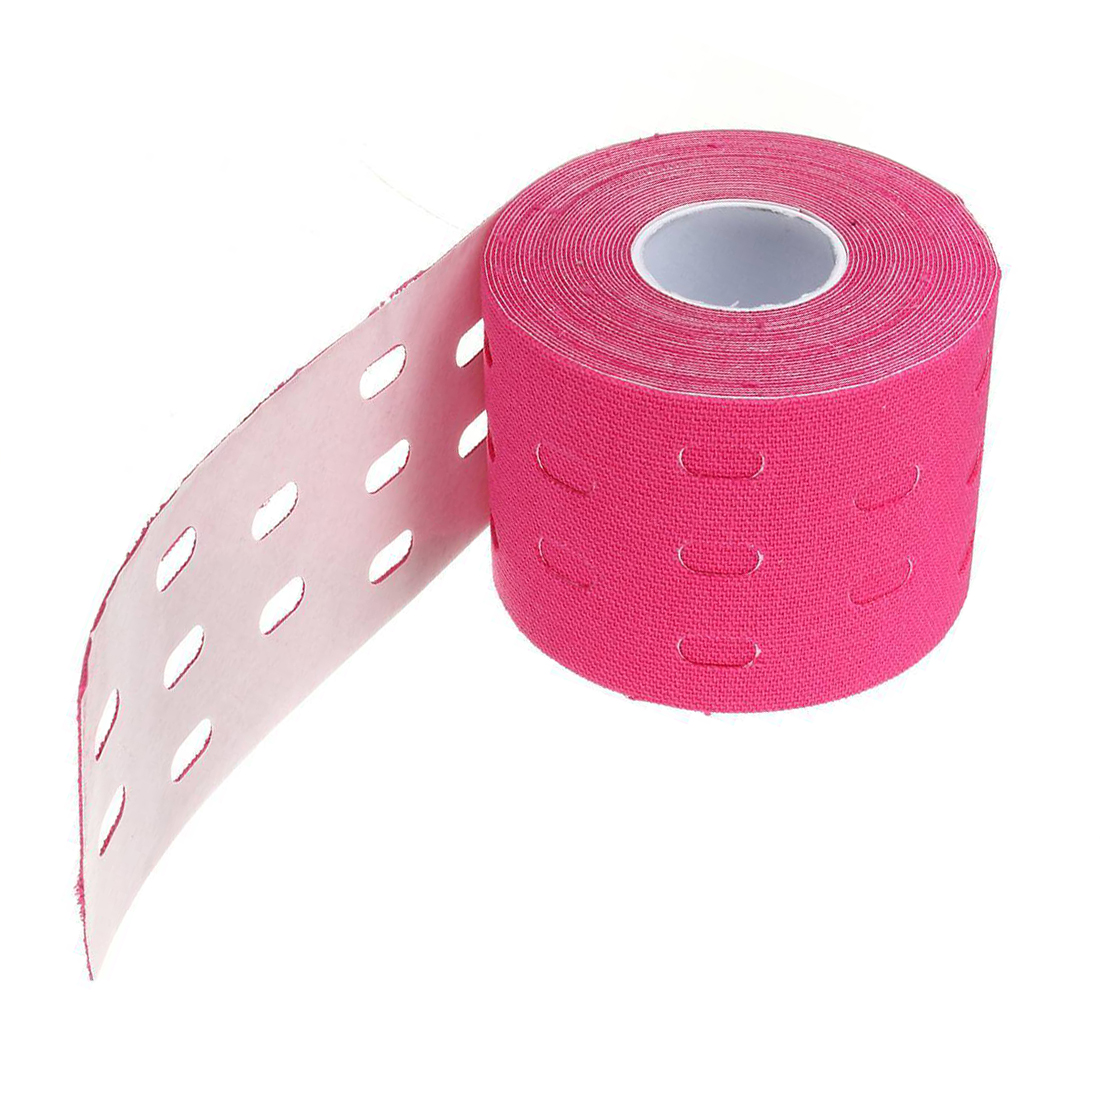 5 компл. продажа 1 рулон 5 м * 5 см кинезиологии мышцы Спорт Уход эластичный Врач Терапевтический Лента Цвет: розовый